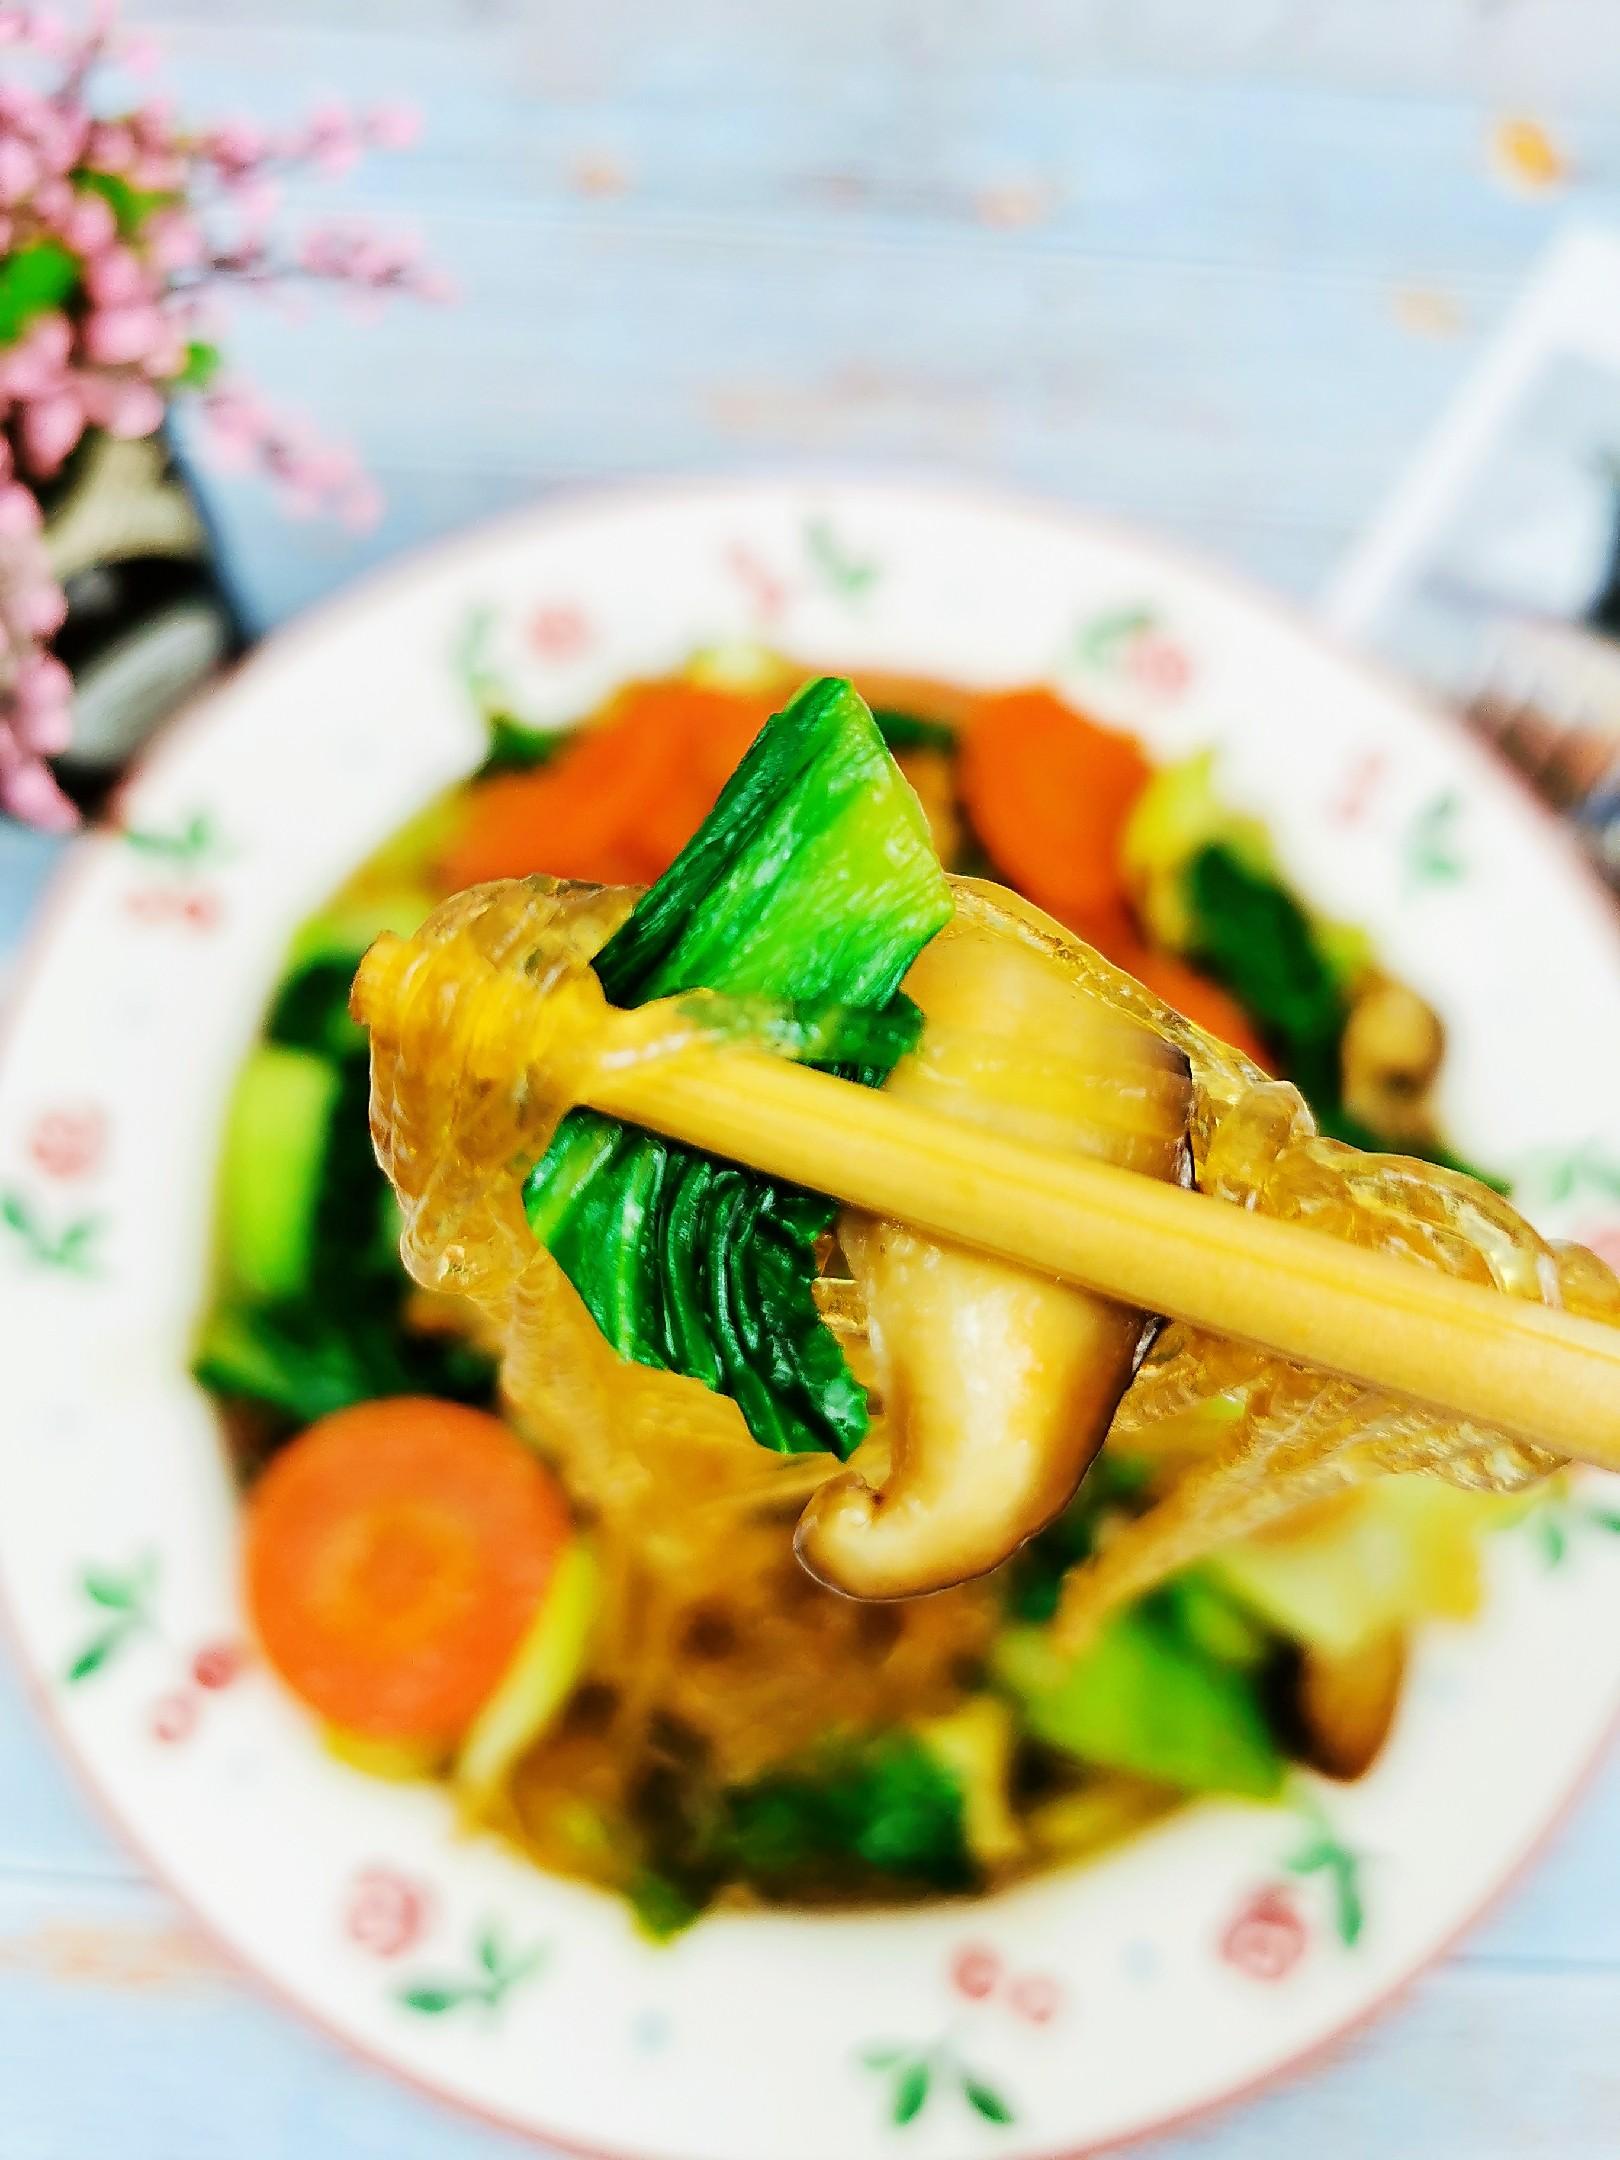 油菜炒粉丝怎样煮